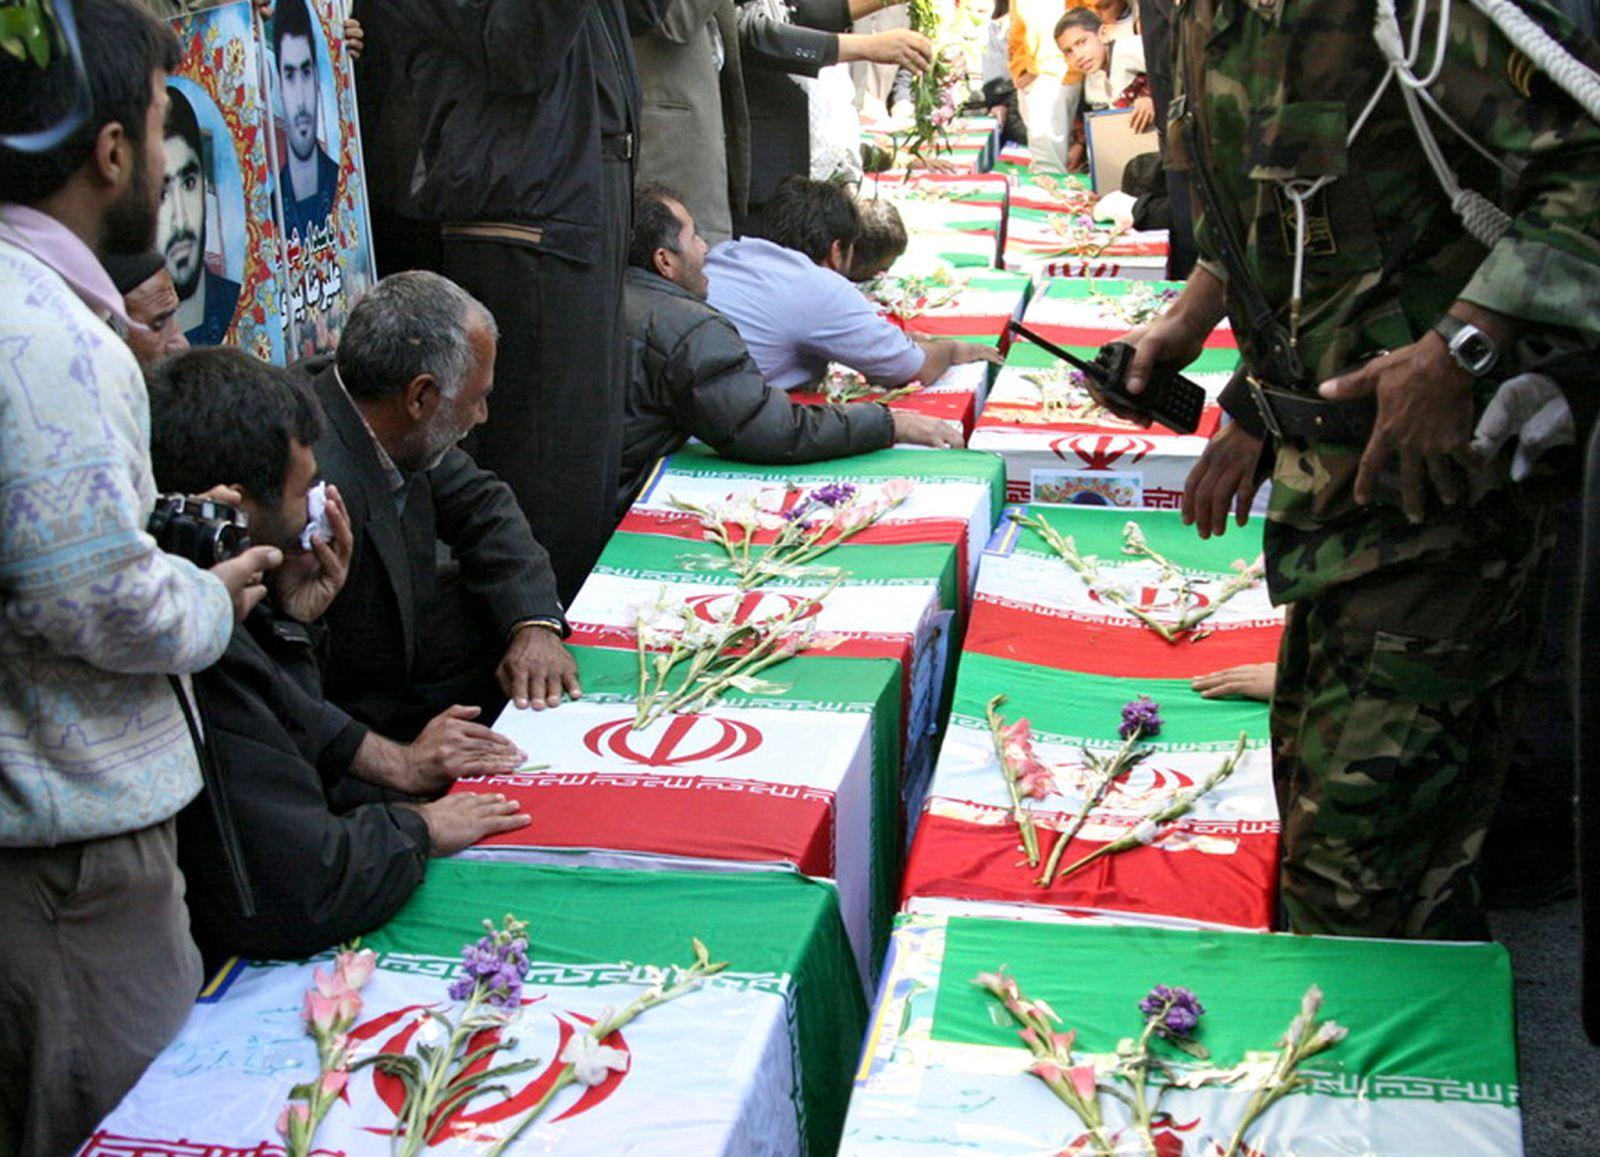 مع استمرار تساقط رؤوس في الحرس الثوري.. إيران تسعى لاستعادة حلب